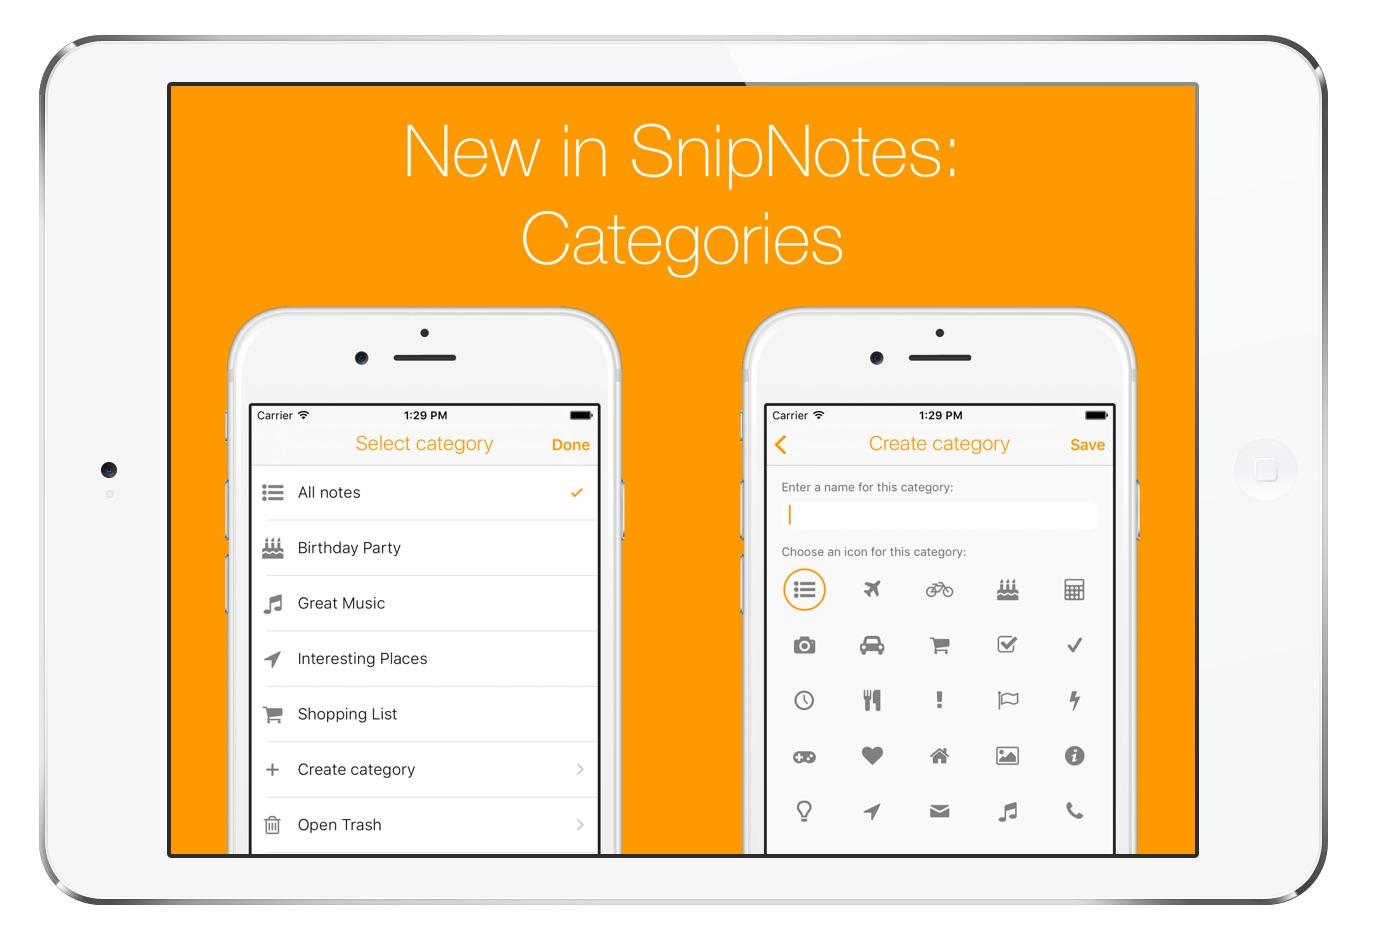 SnipNotes 2.1